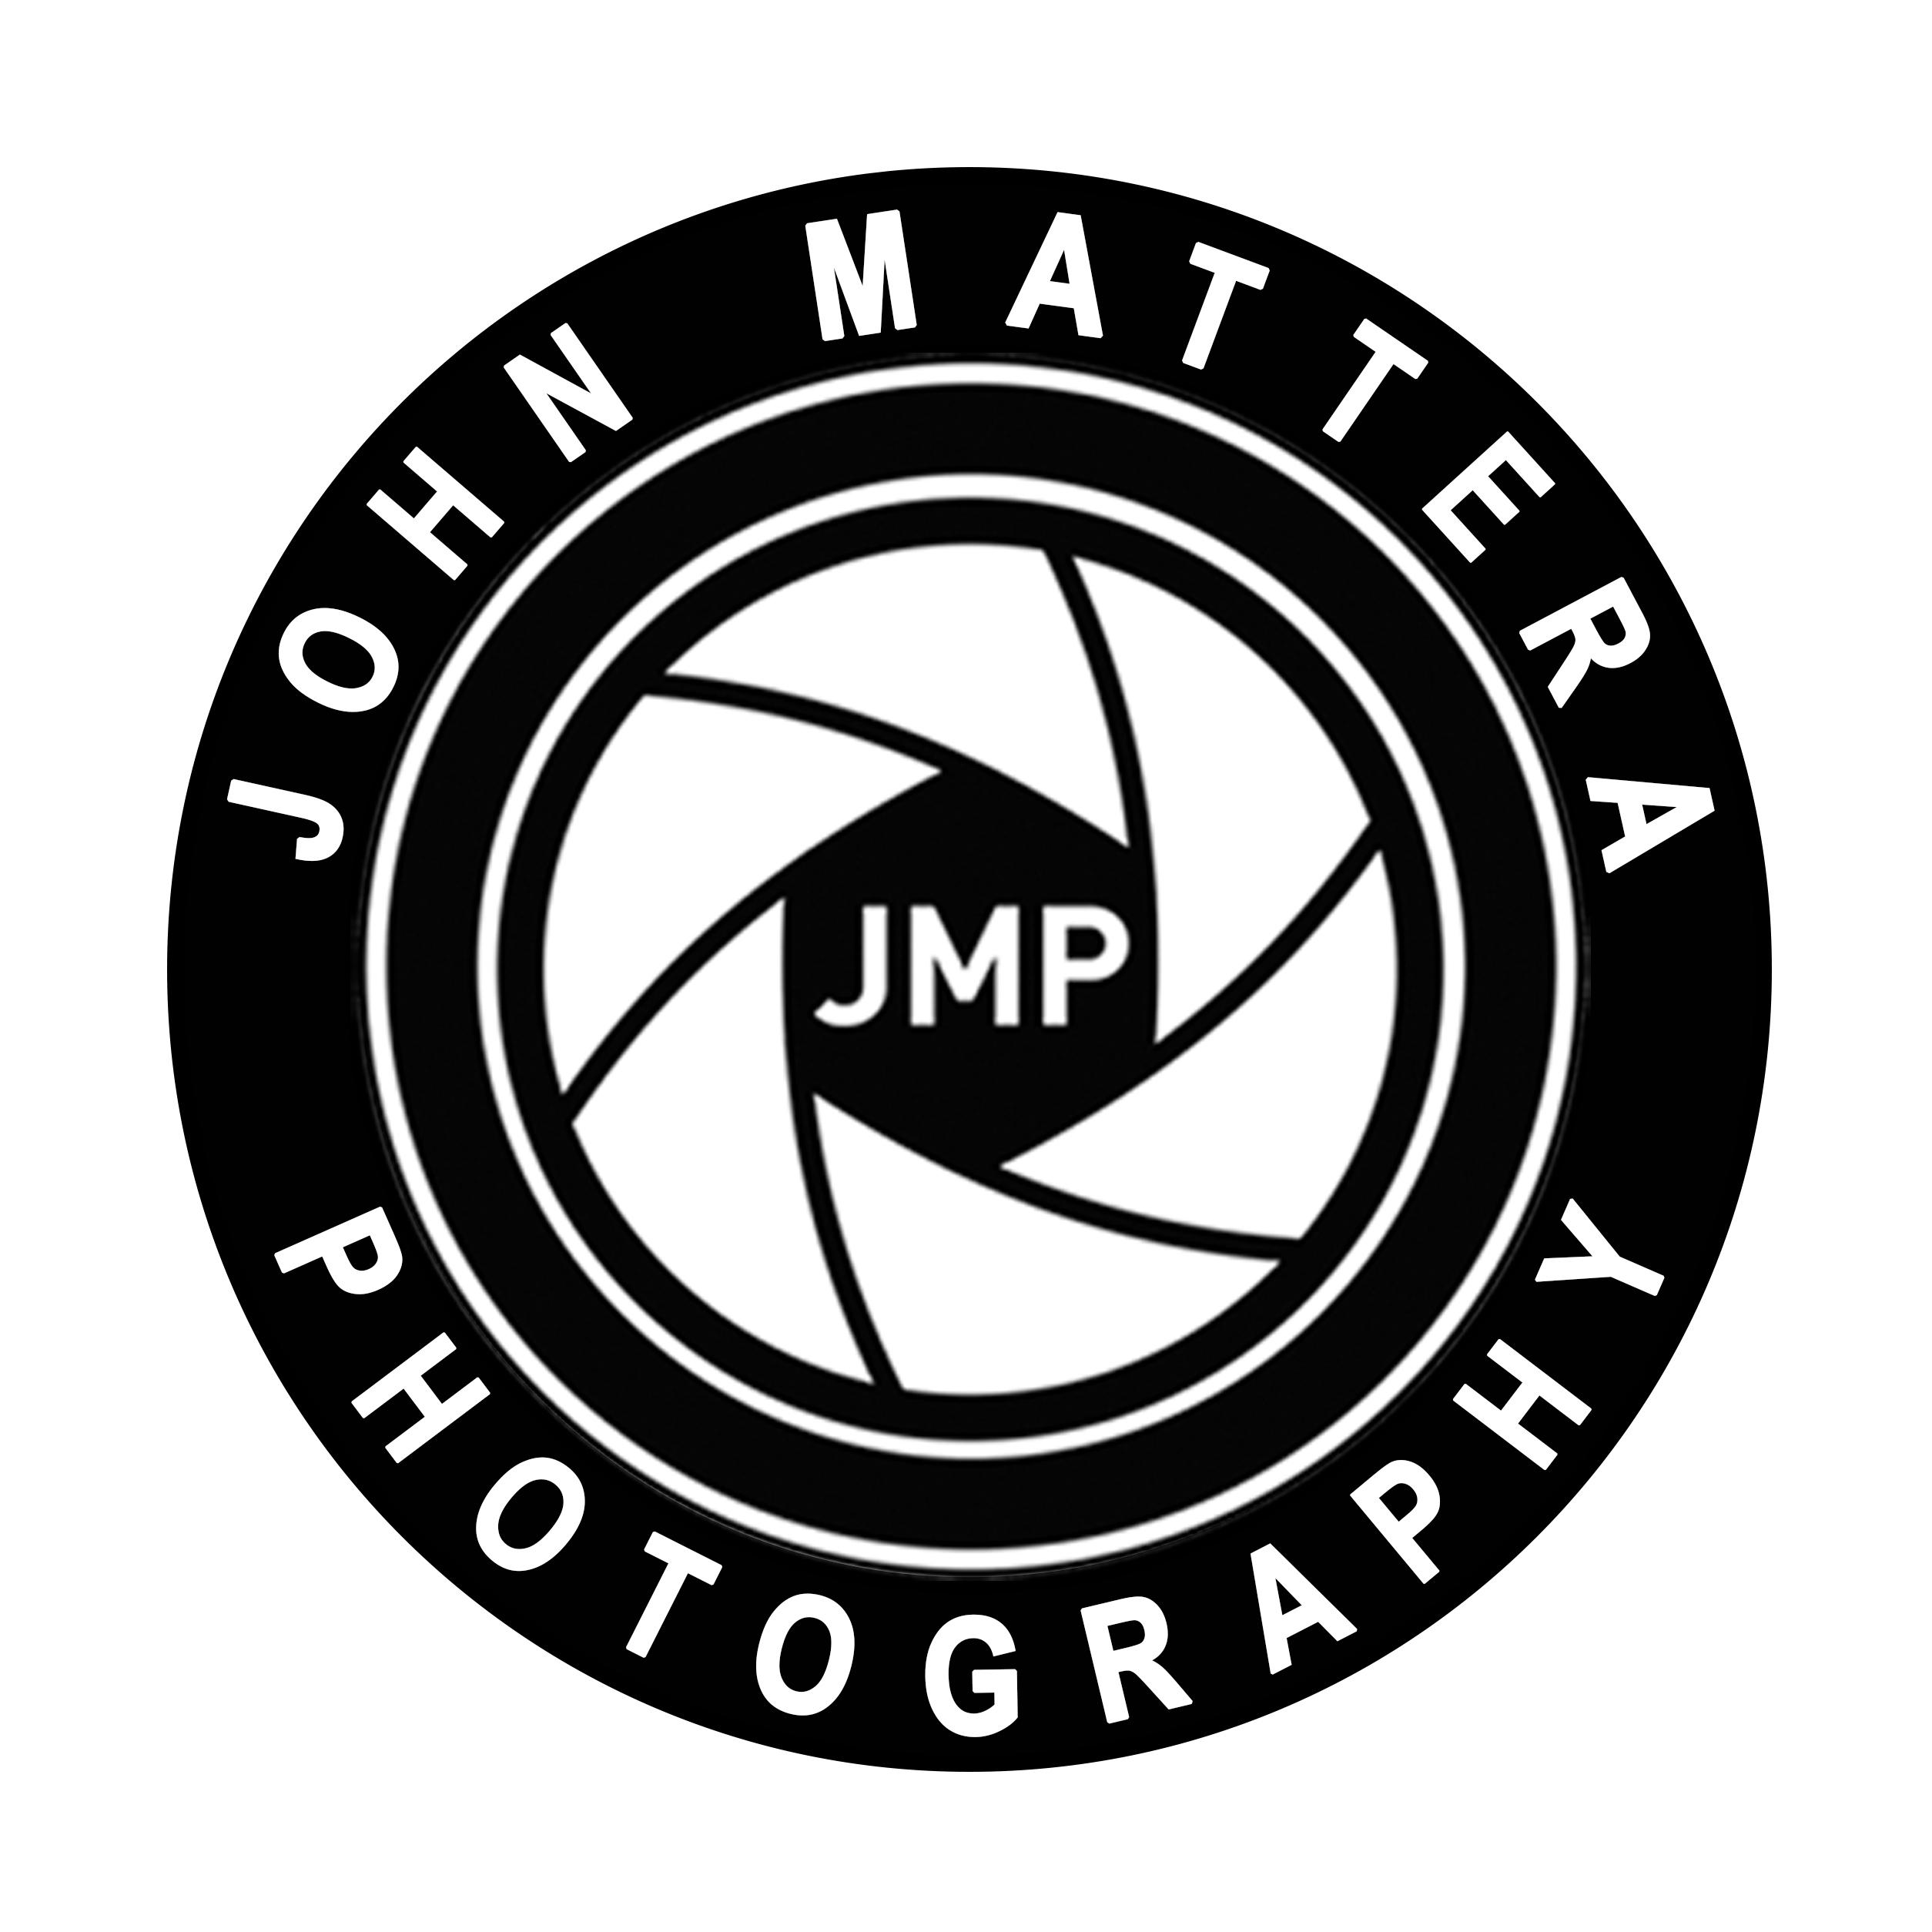 John Mattera Photography